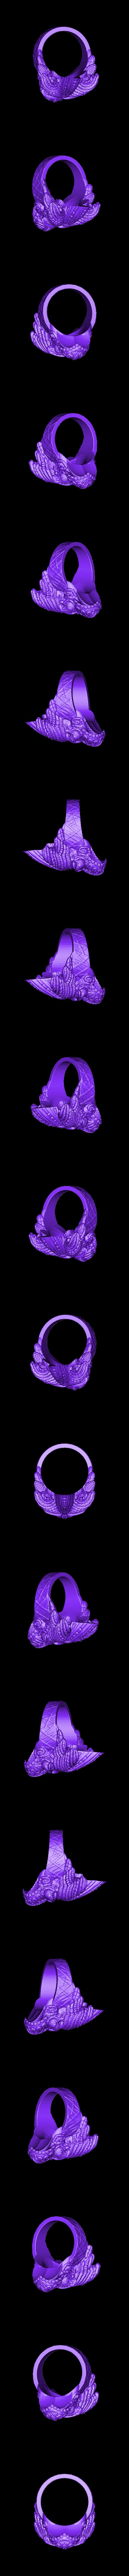 bird ringnew 4.stl Télécharger fichier STL gratuit Anneau de tête de faucon • Modèle pour impression 3D, LittleTup